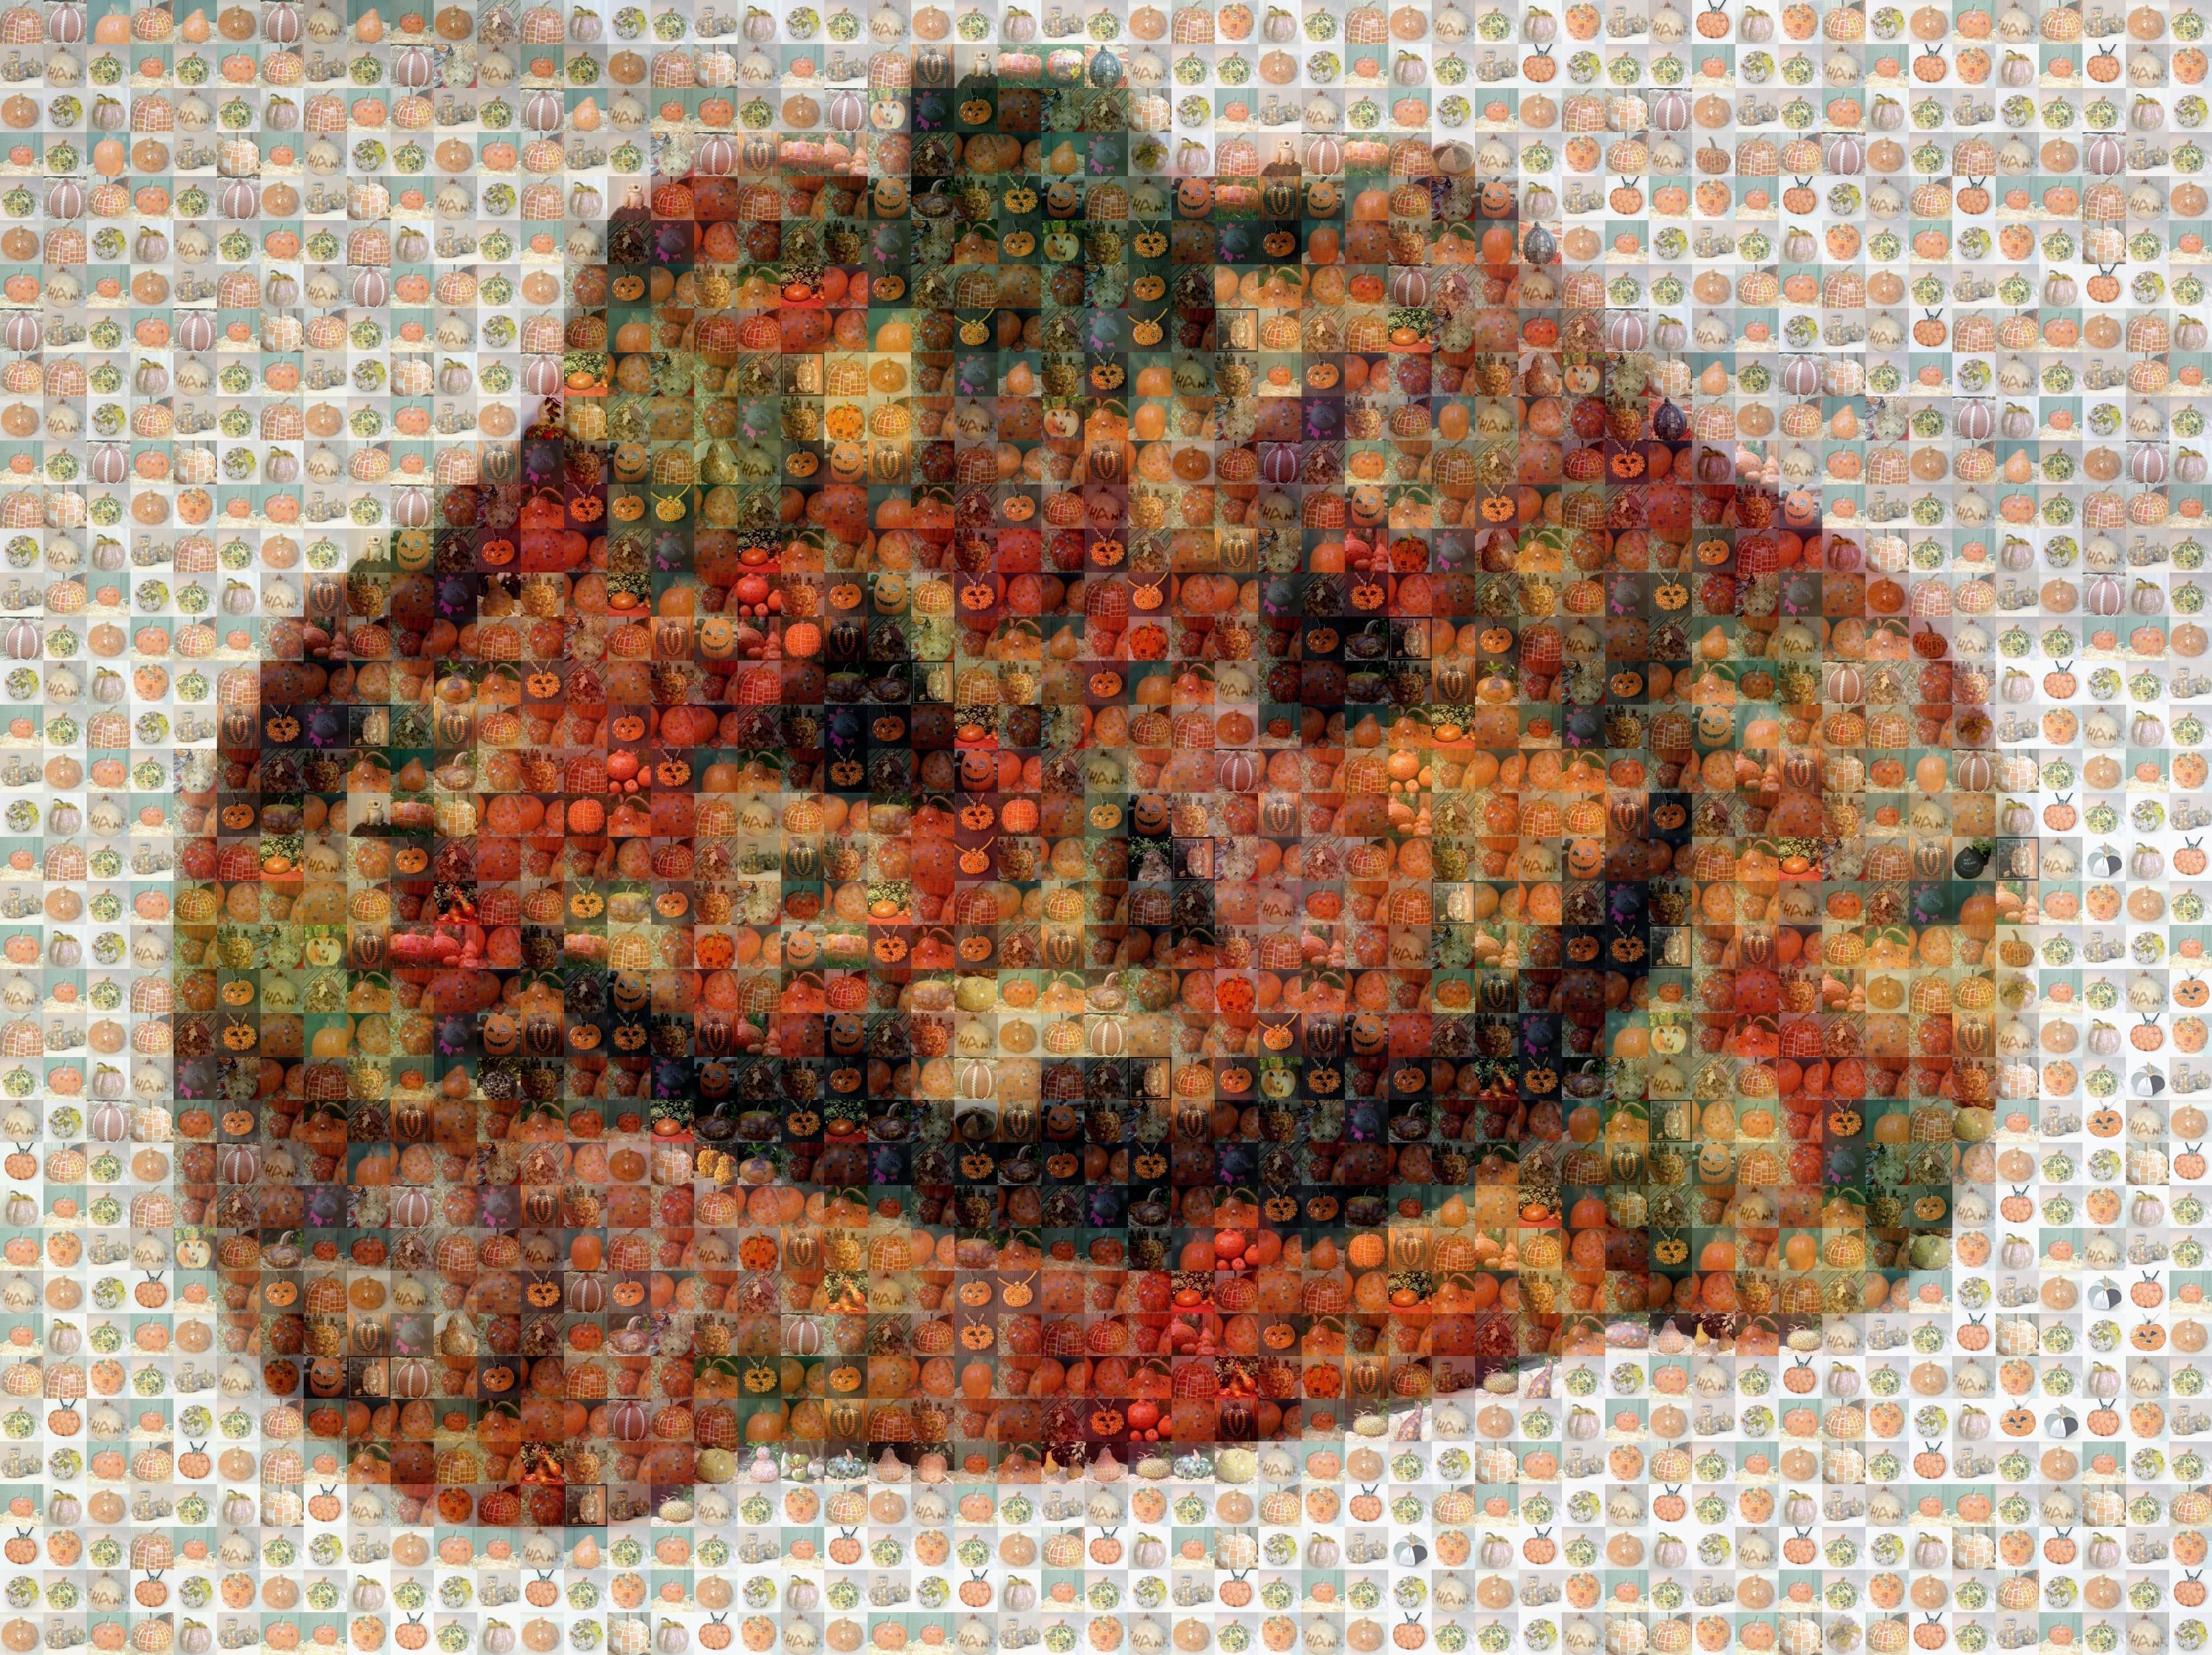 JackOPaperPumpkin_BB Mosaic2000